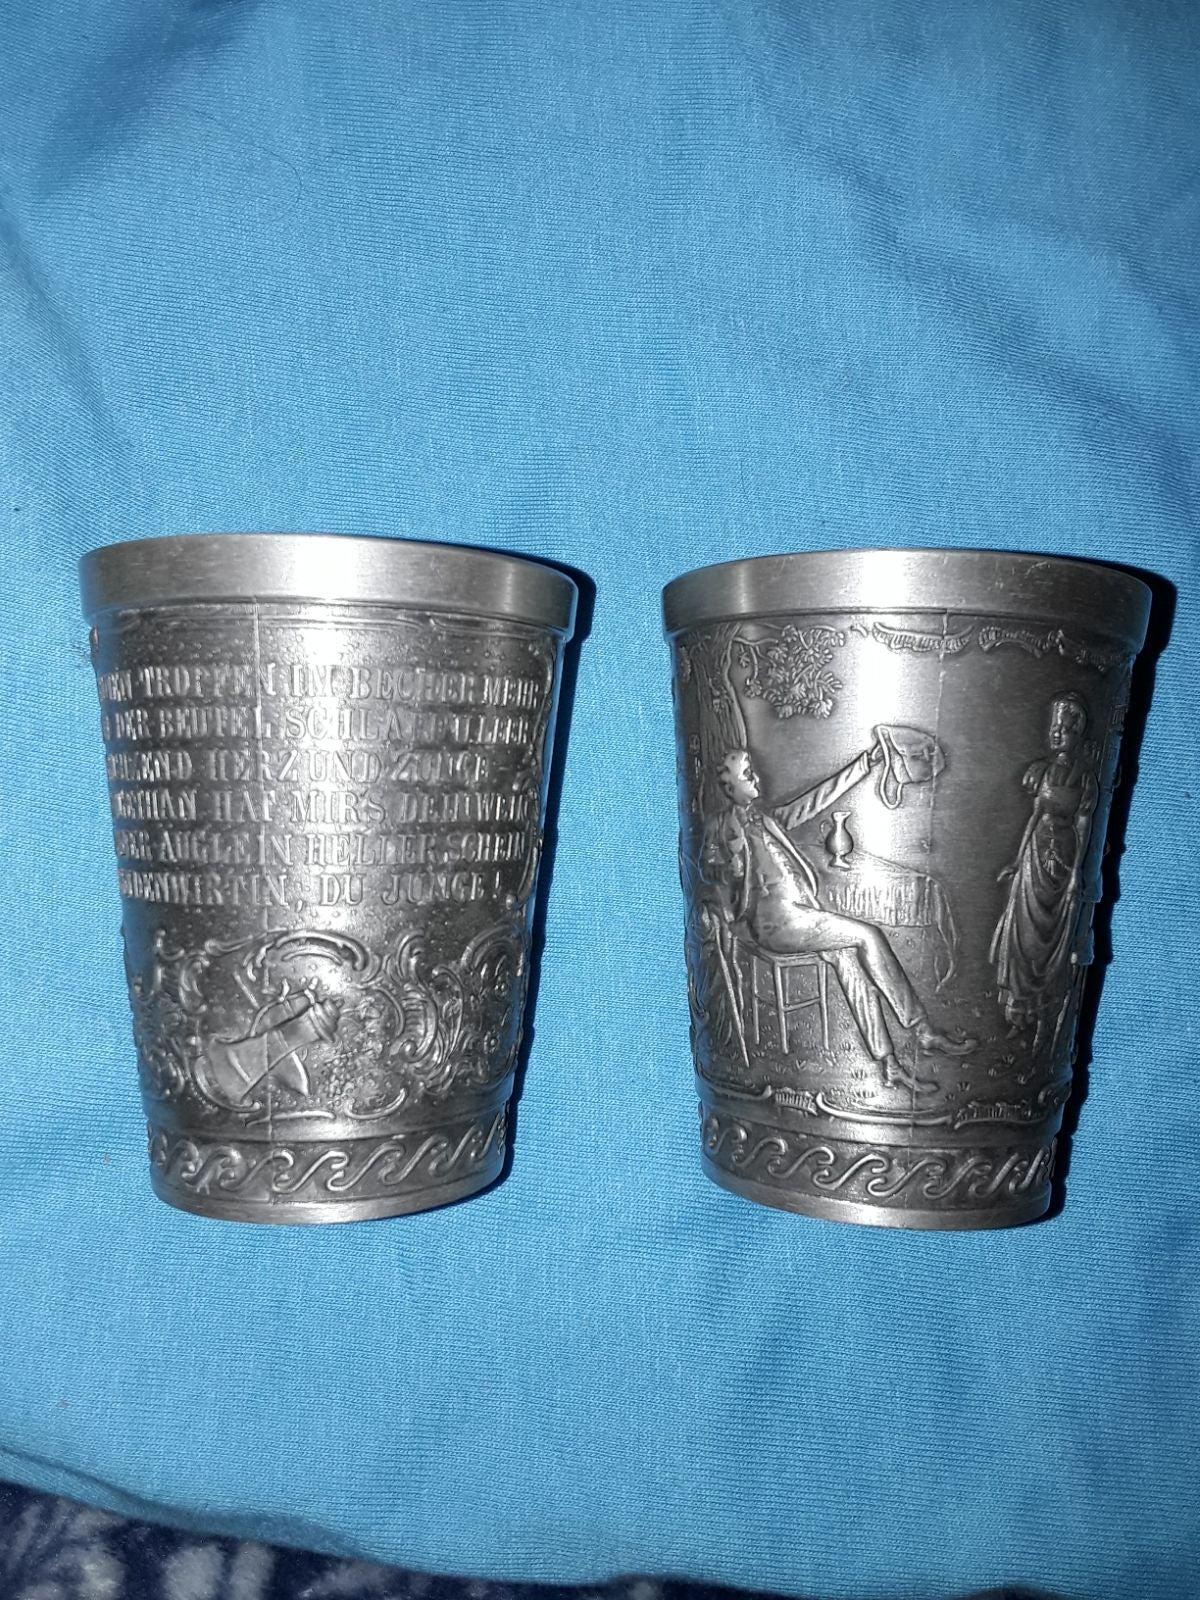 Frieling zinn pewter cups